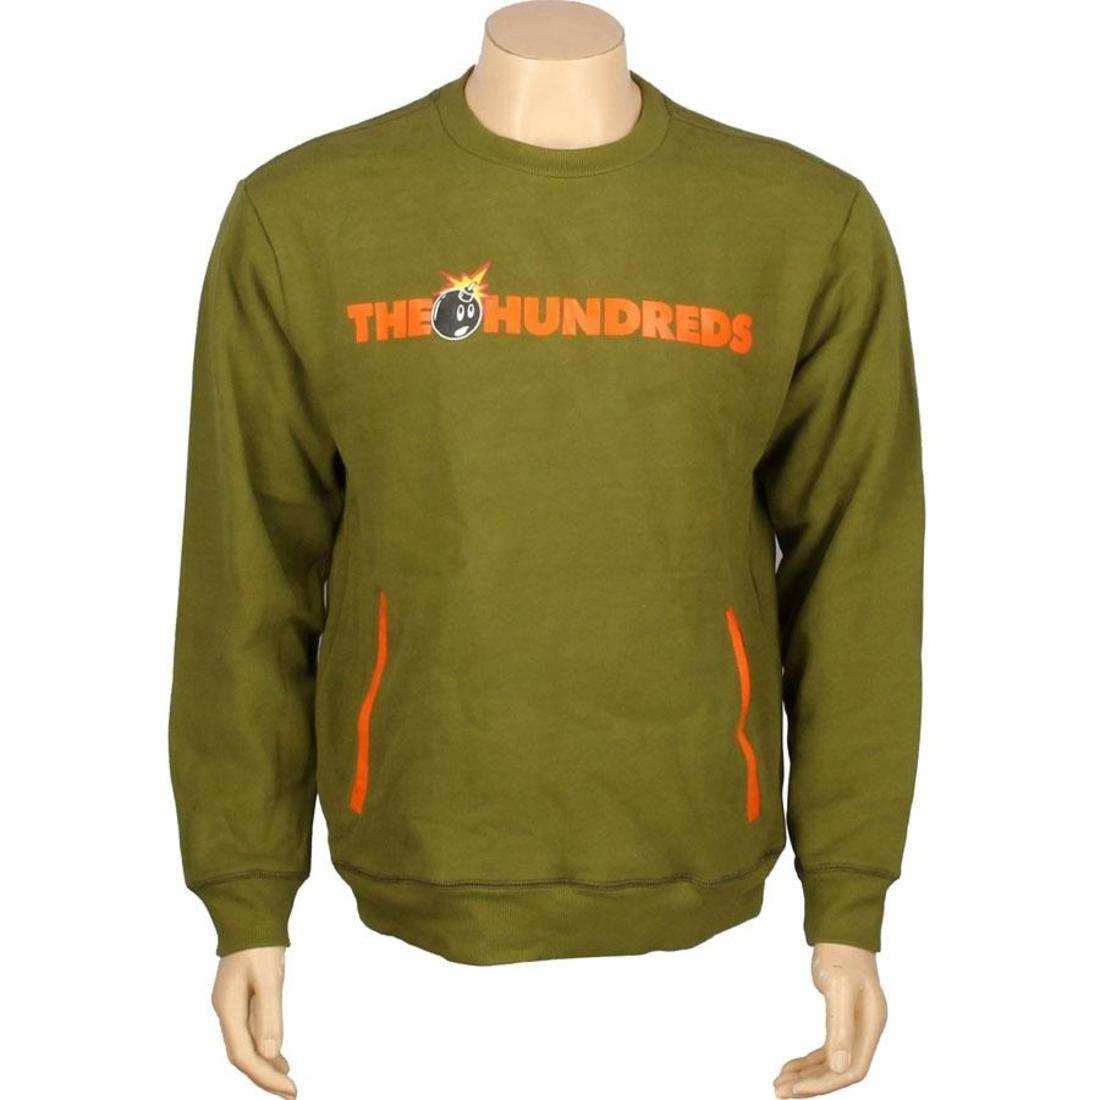 【スーパーセール中! 6/11深夜2時迄】メンズファッション トップス Tシャツ カットソー メンズ 【 The Hundreds Roo Crewneck (olive) 】 Olive